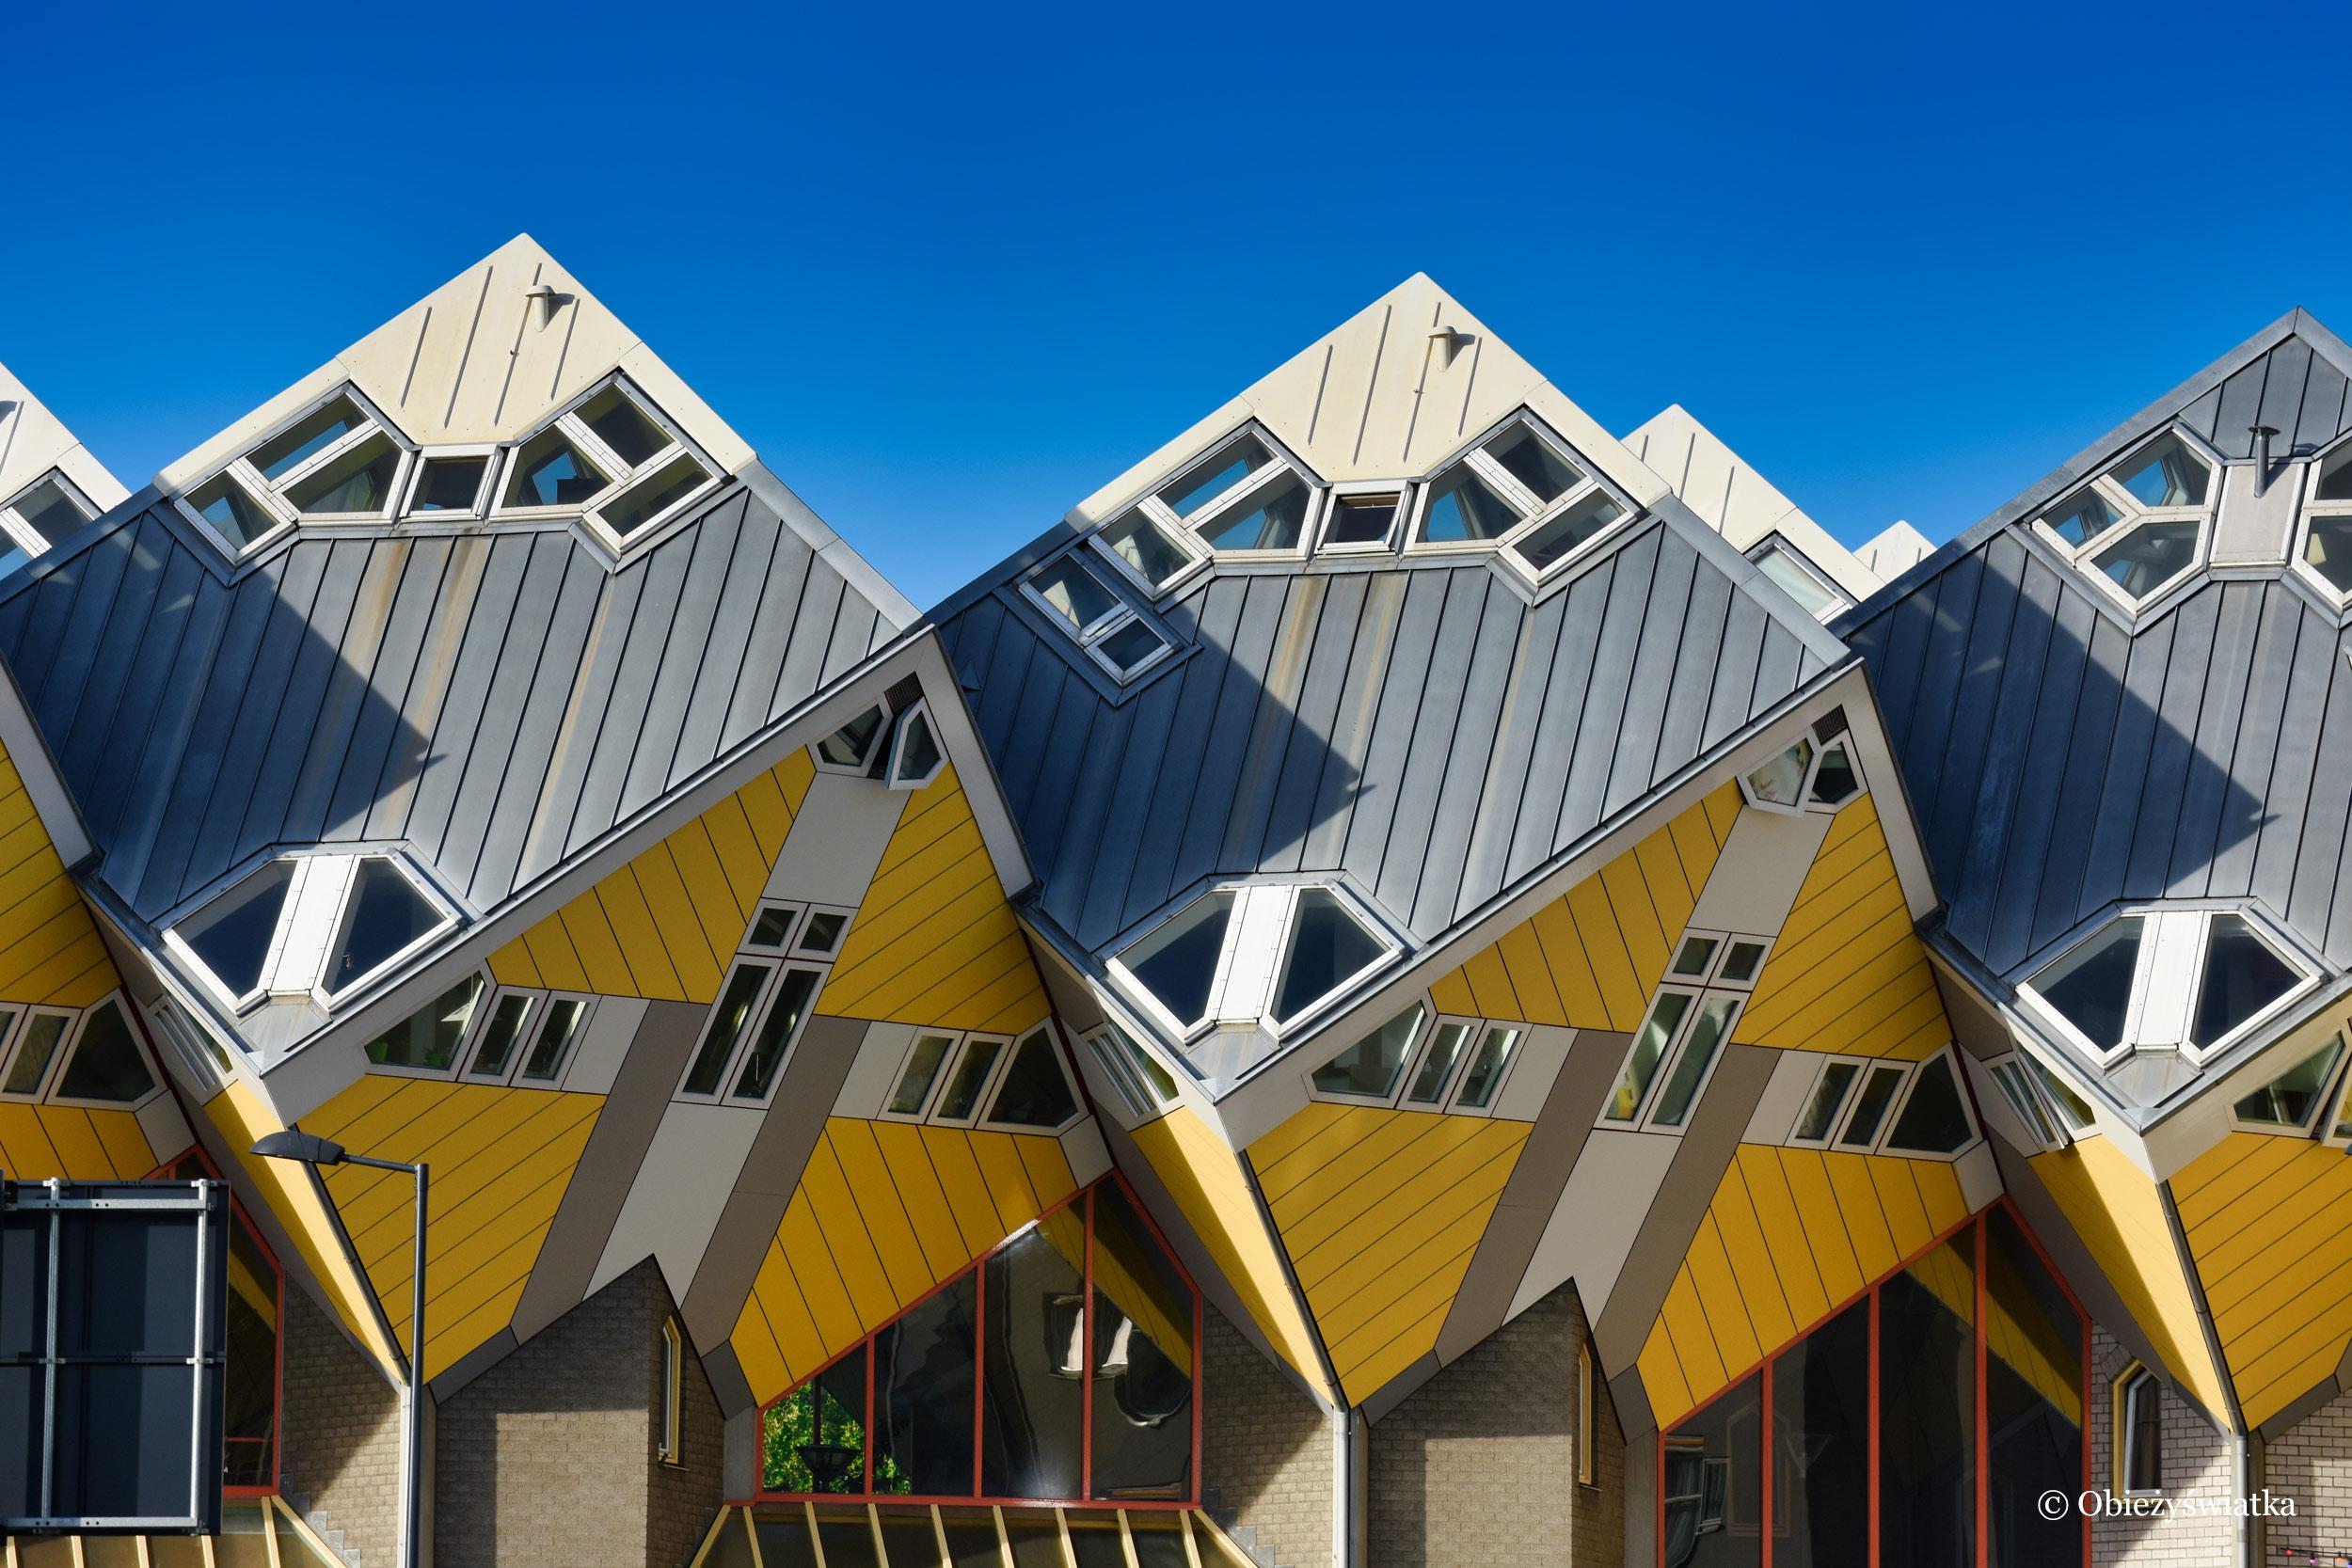 Mieszkanie w sześcianie - Cube Houses, Rotterdam